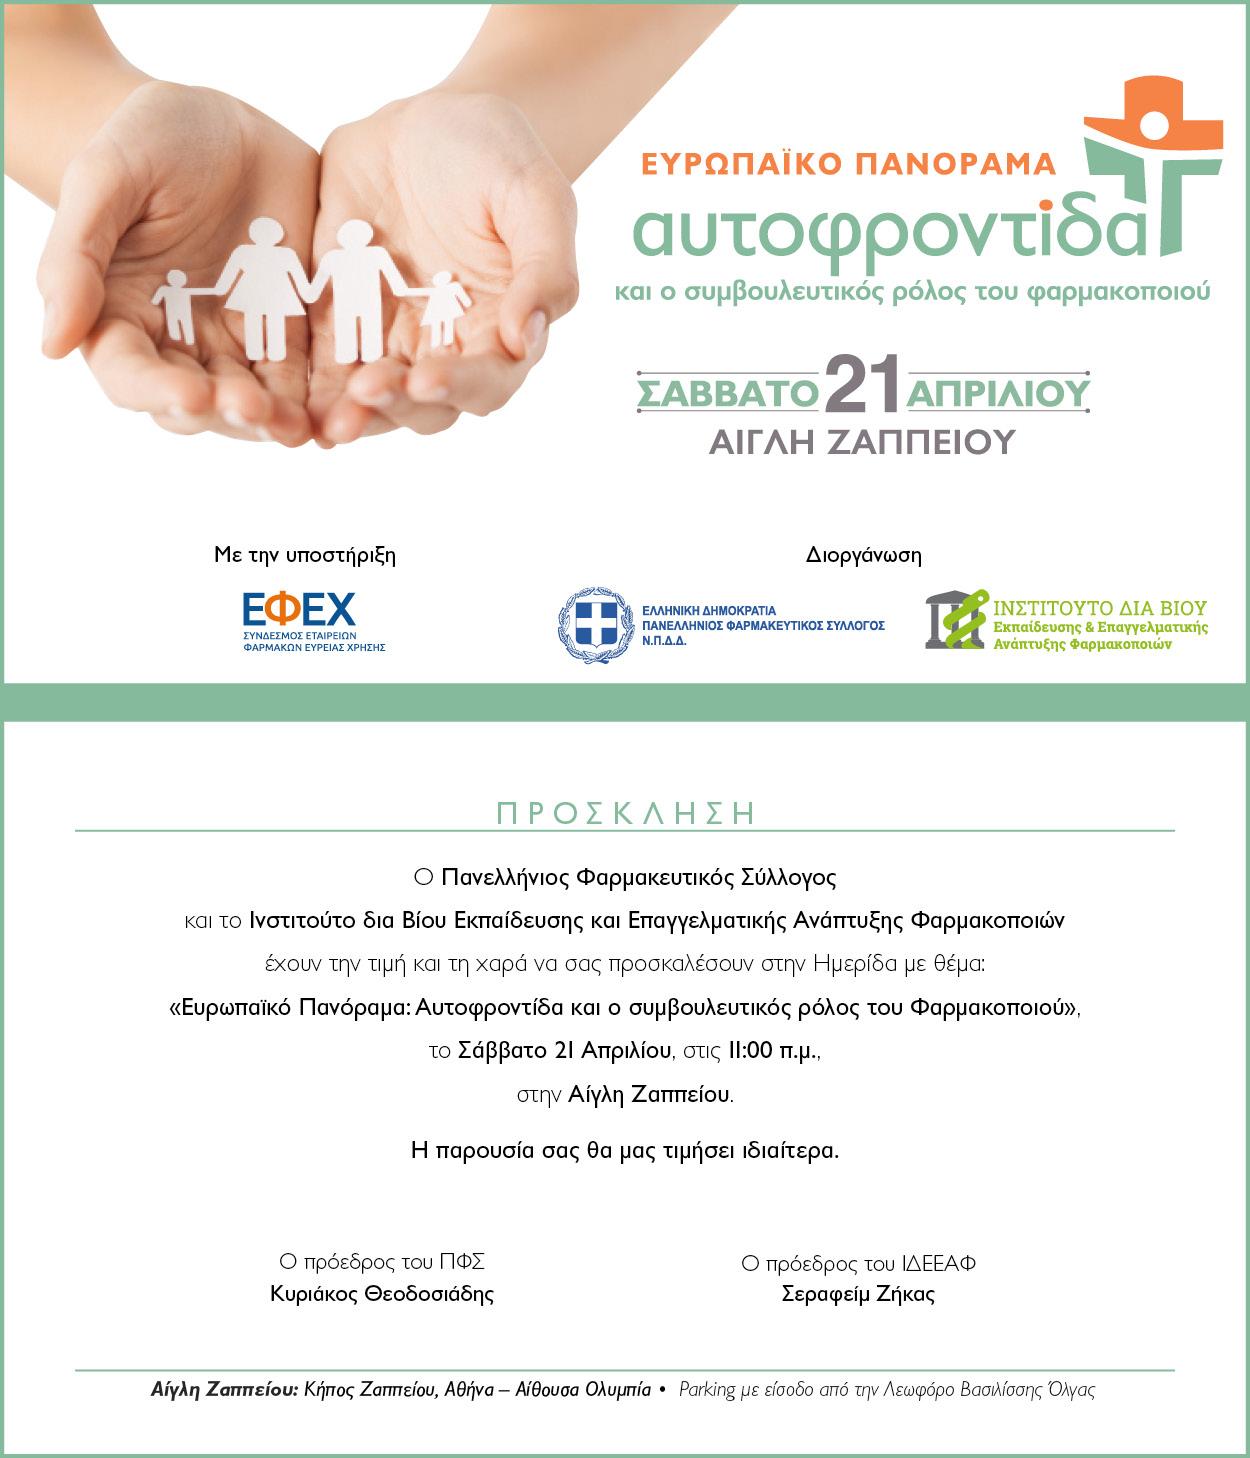 Ευρωπαϊκό Πανόραμα: Αυτοφροντίδα και ο συμβουλευτικός ρόλος του Φαρμακοποιού